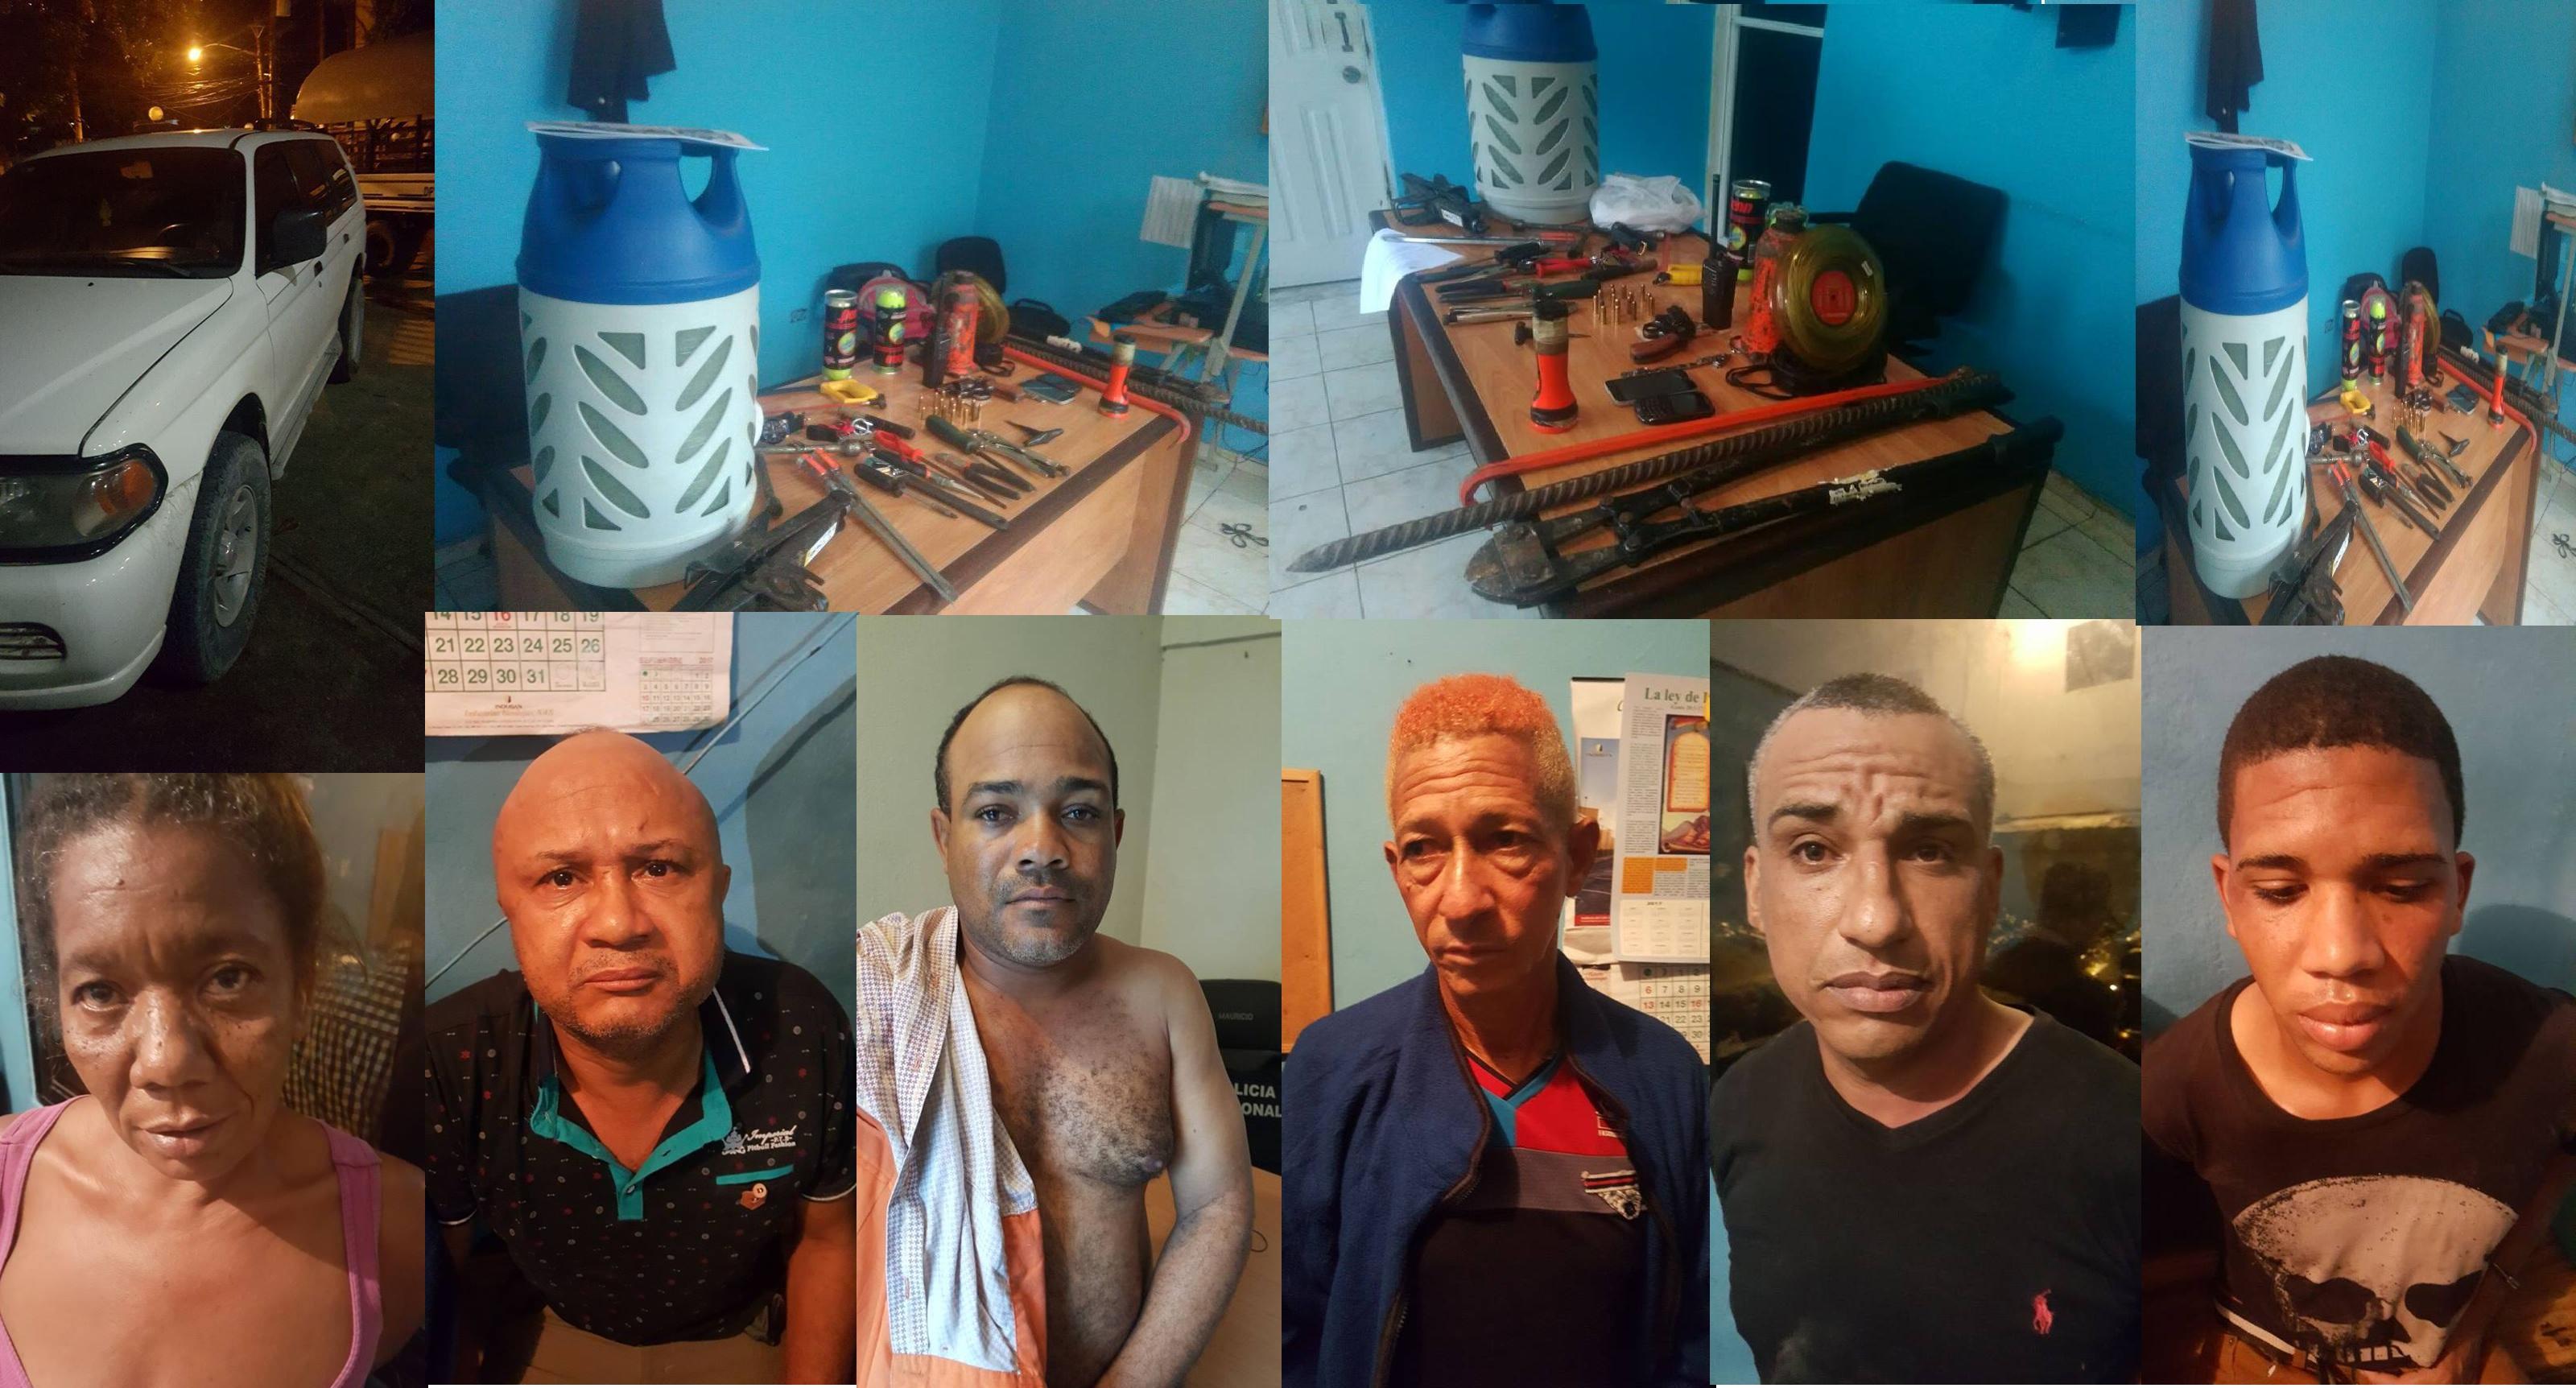 Policía Nacional desmantela banda que pretendía romper caja fuerte en este Municipio de Higüey.